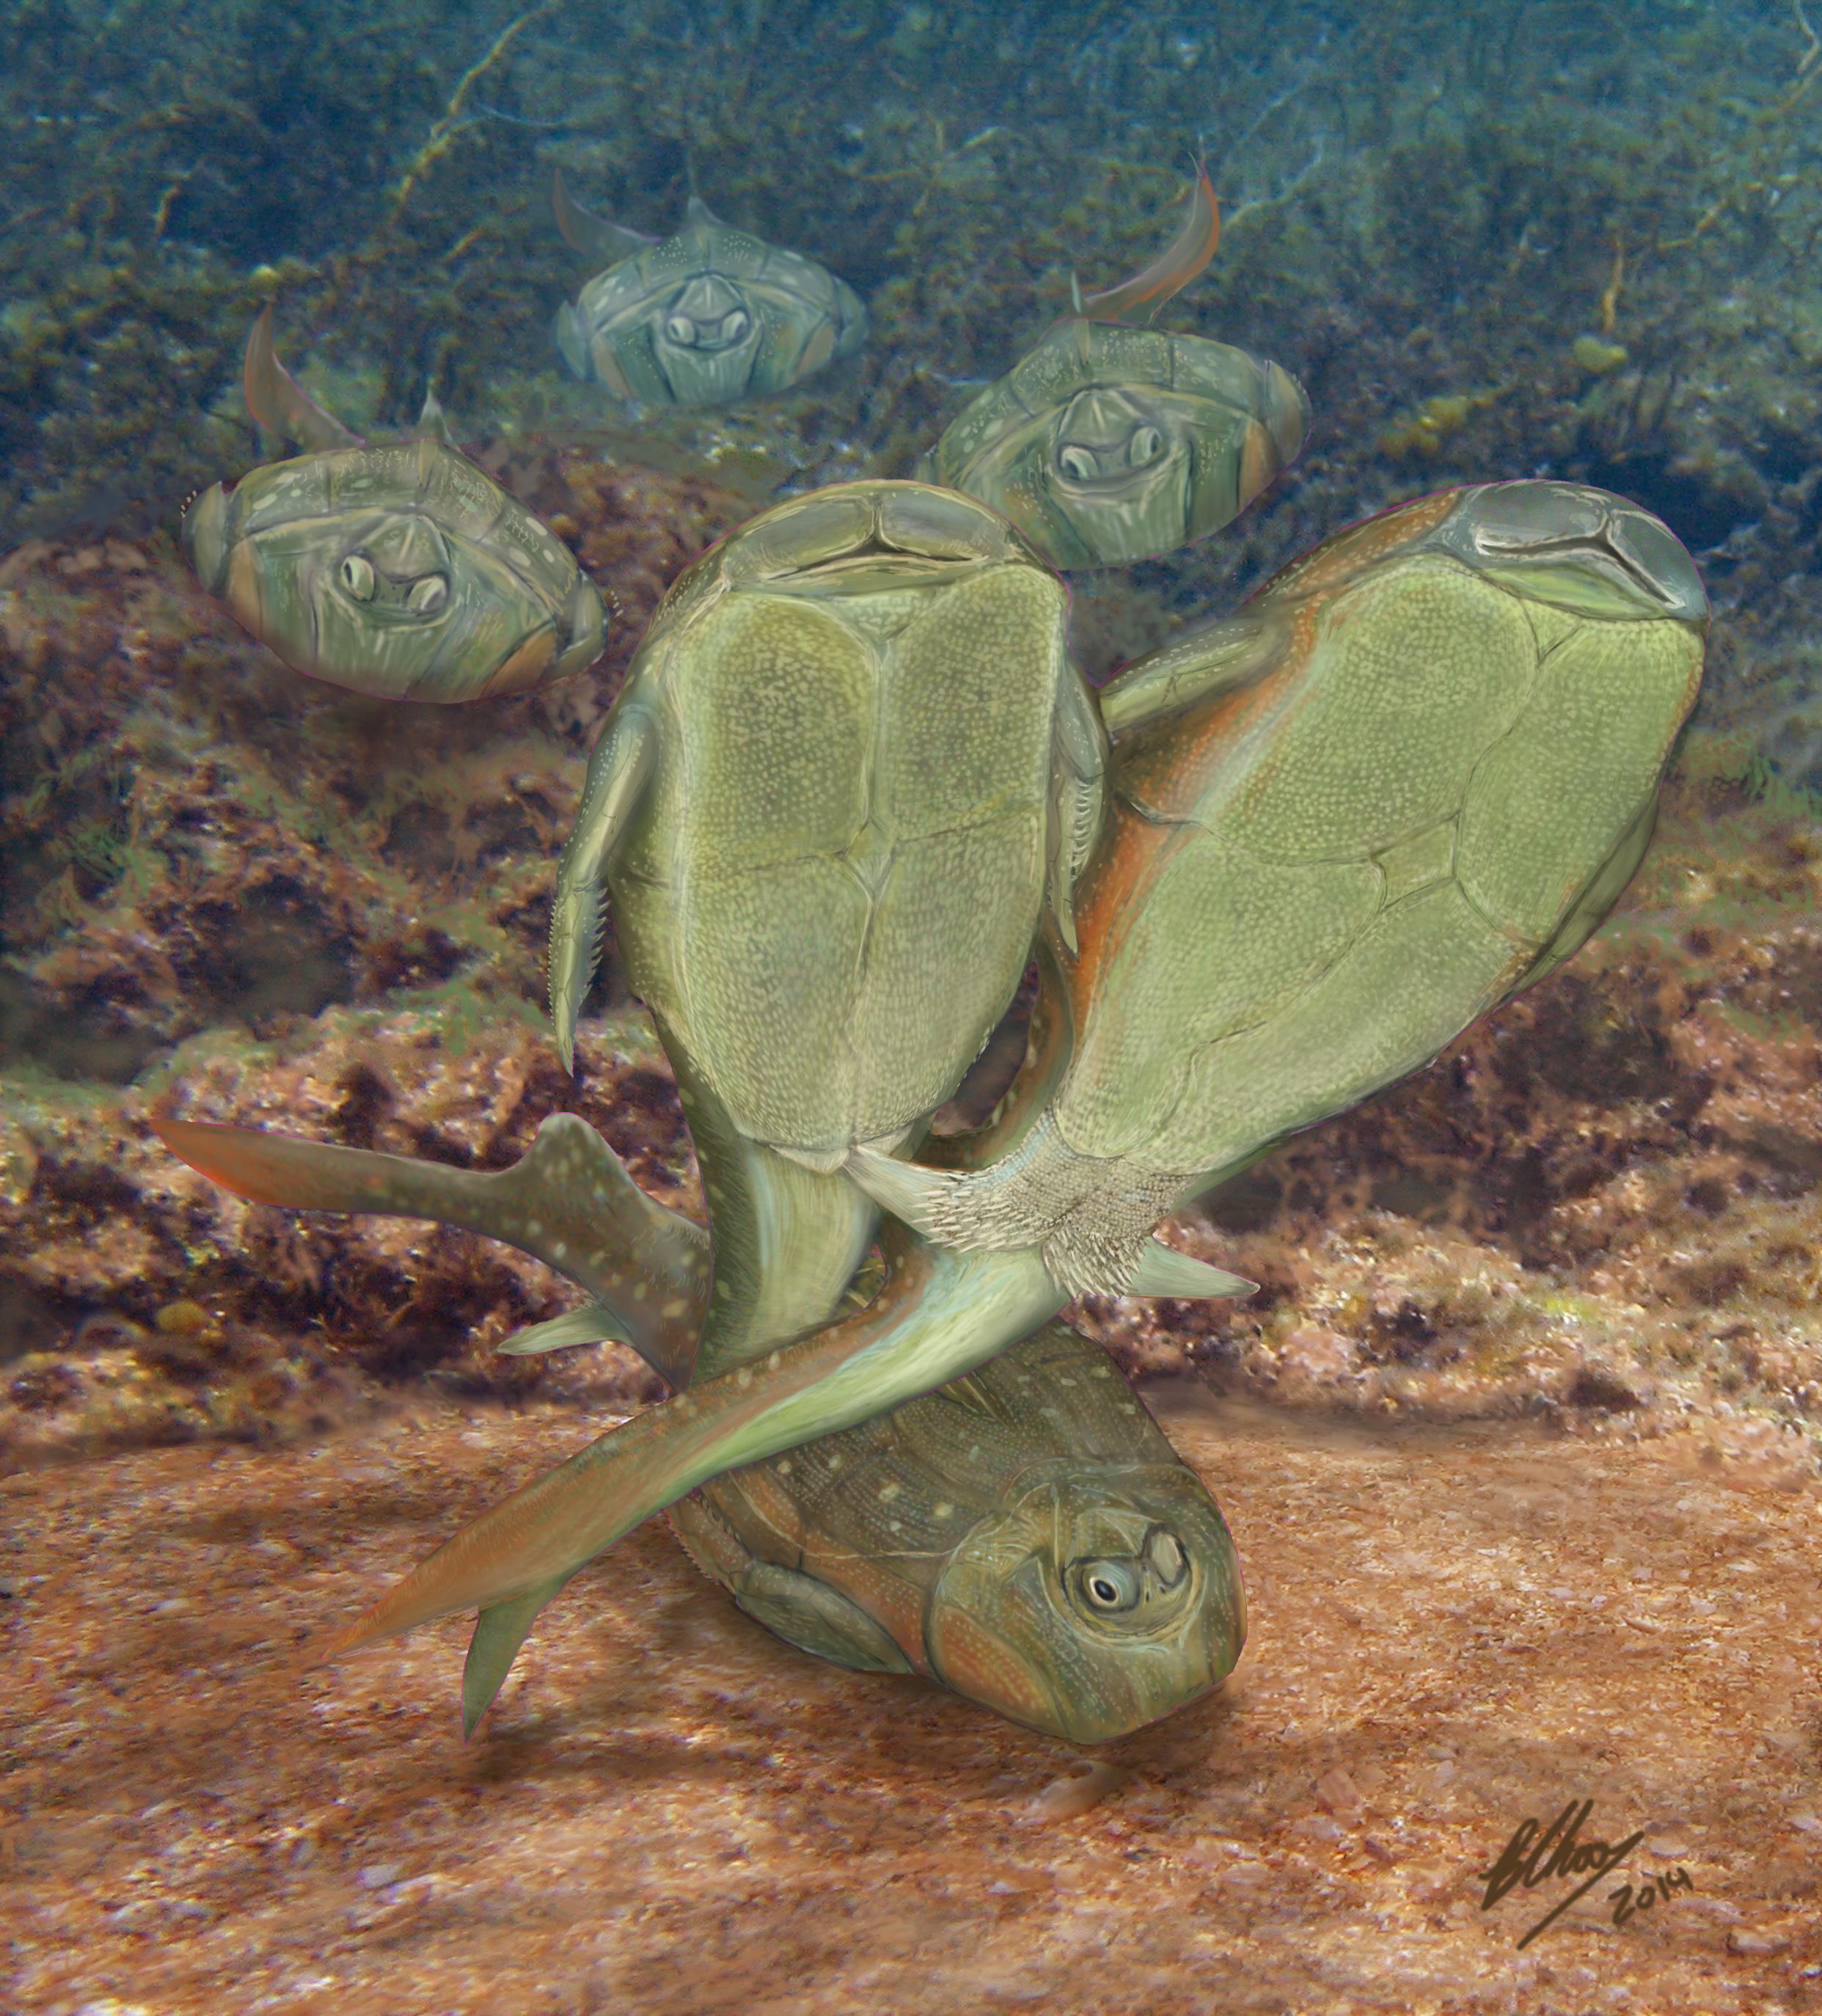 小肢鱼生态复原,示雌雄鱼交配场景